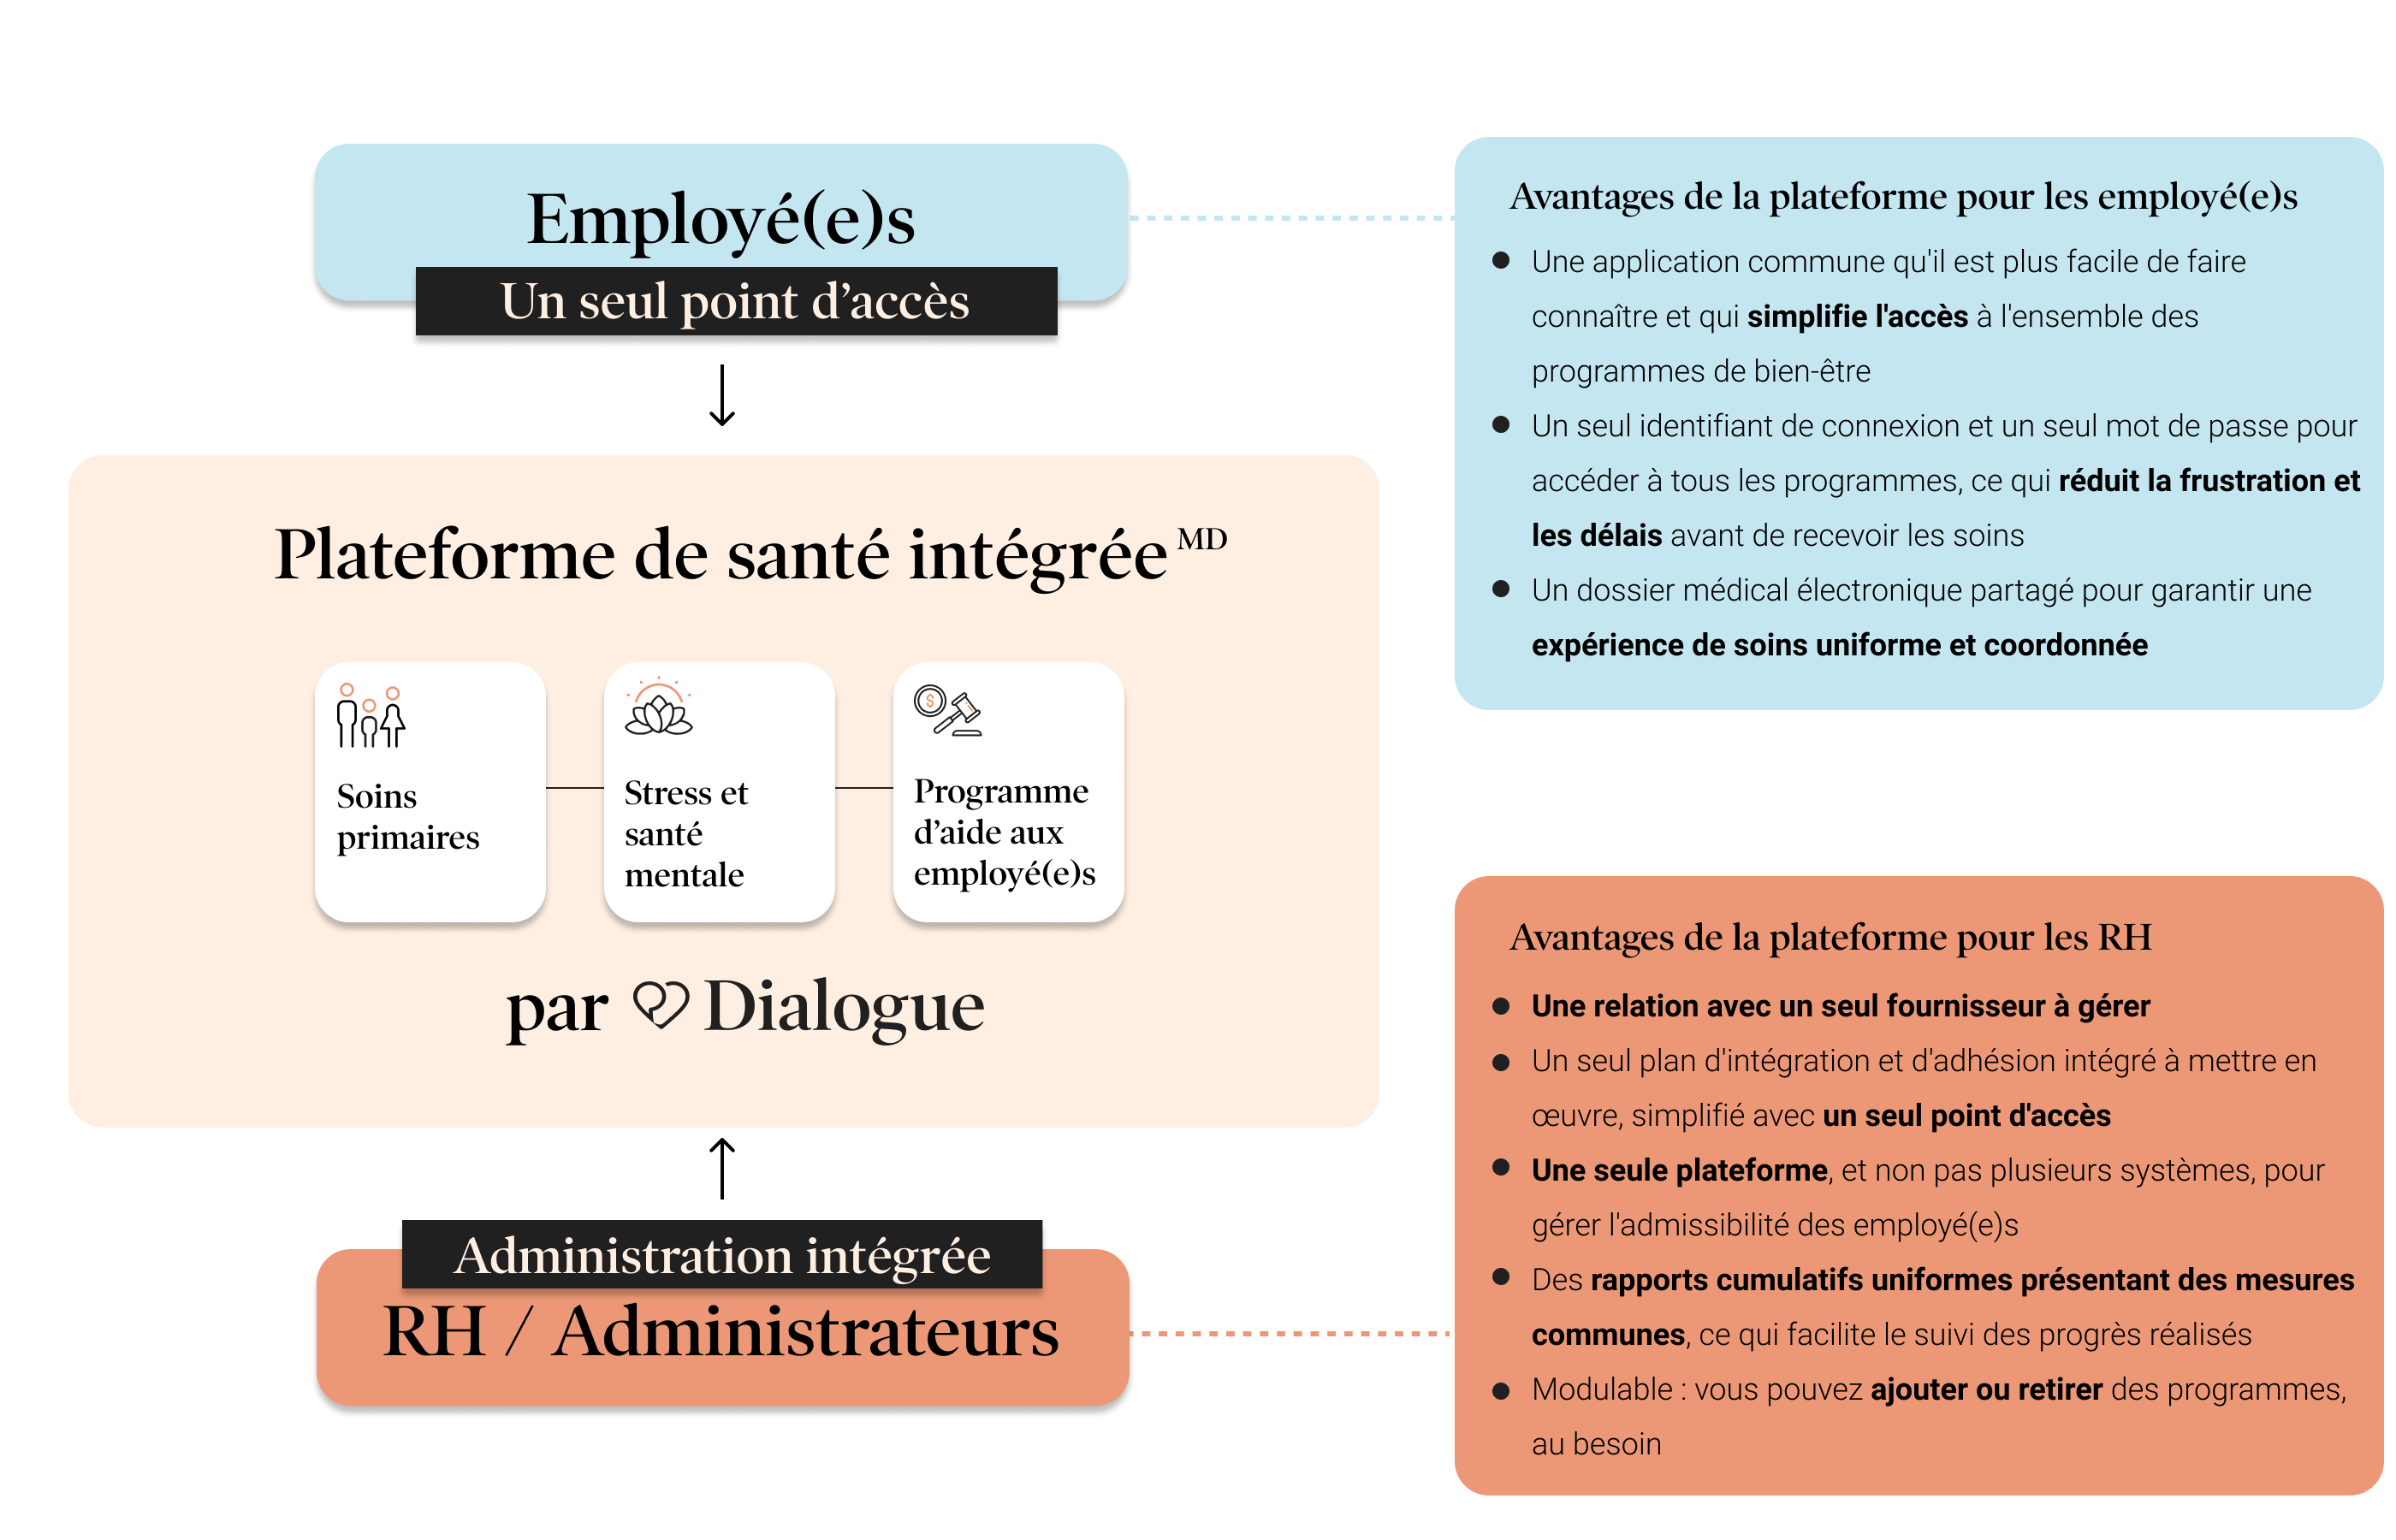 blog_ La Plateforme de santé intégrée de Dialogue _ de quoi sagit-il et quels avantages votre organisation peut-elle en tirer_ 2